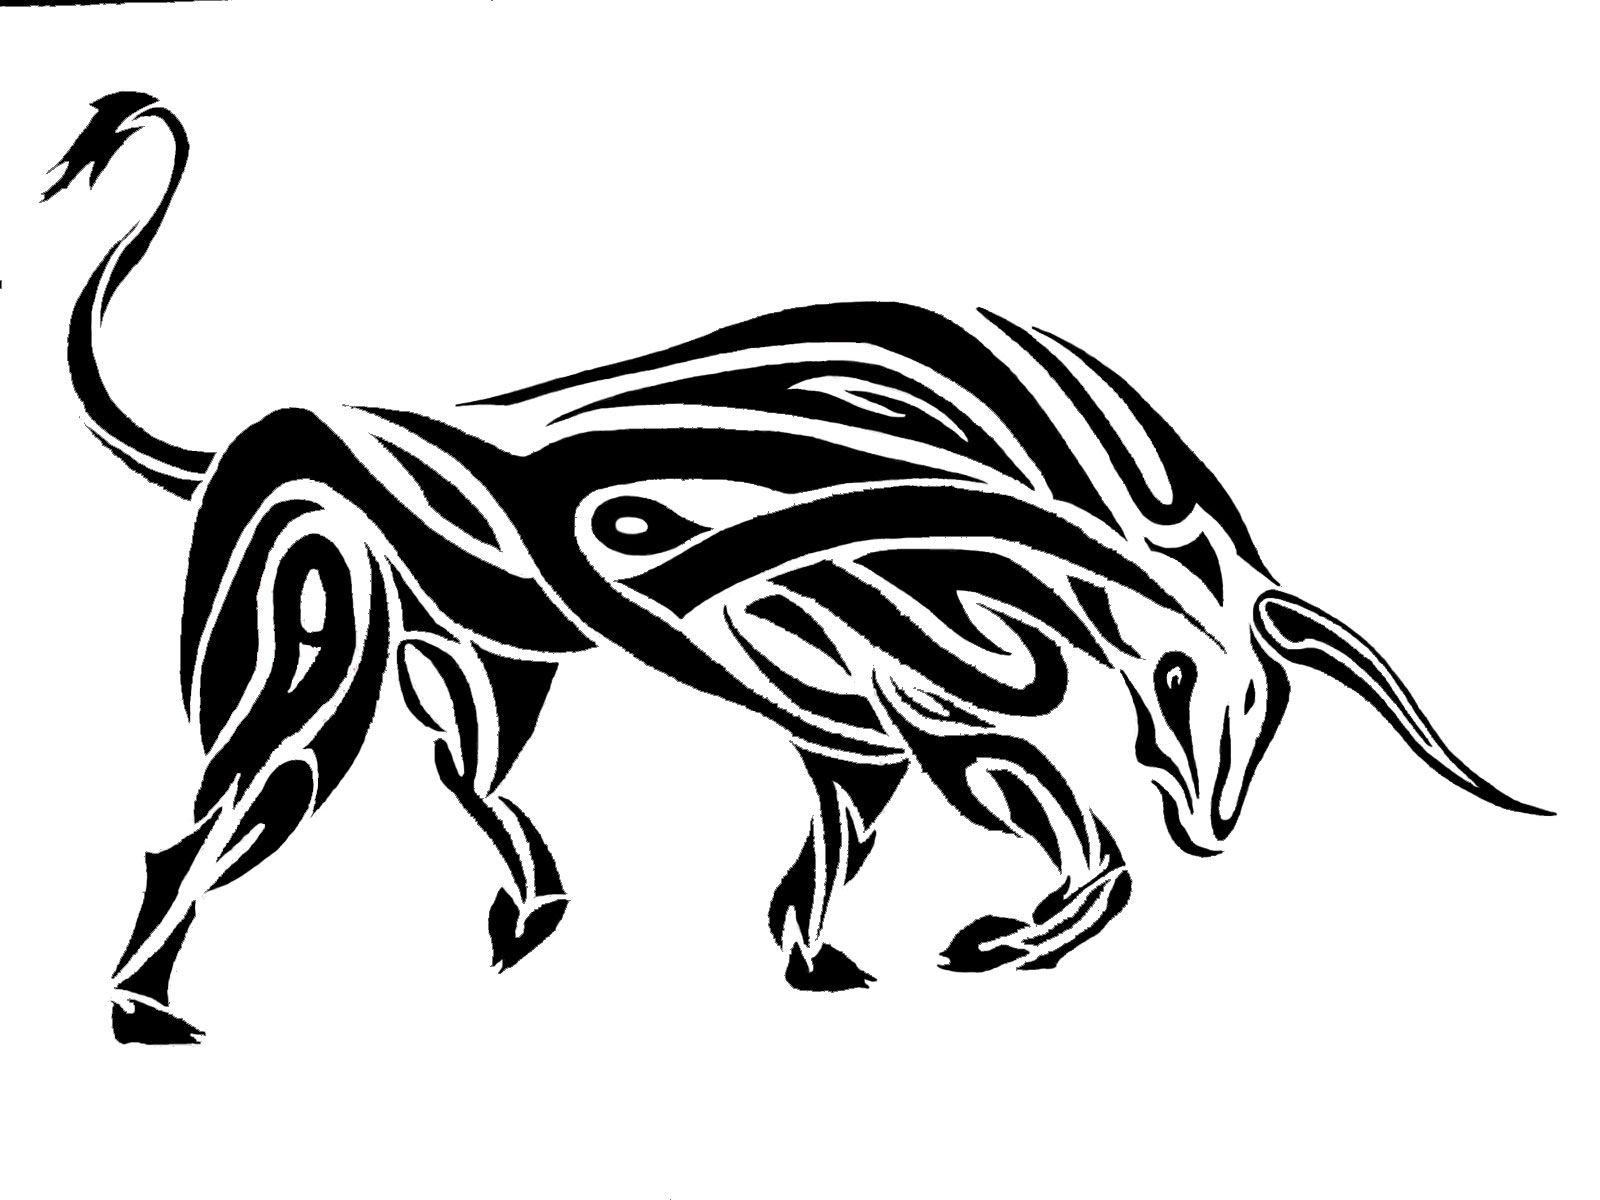 Pics photos taurus tattoos bull tattoo art - Tribal Bull Tattoo Wallpaper Taurus Tattoosbull